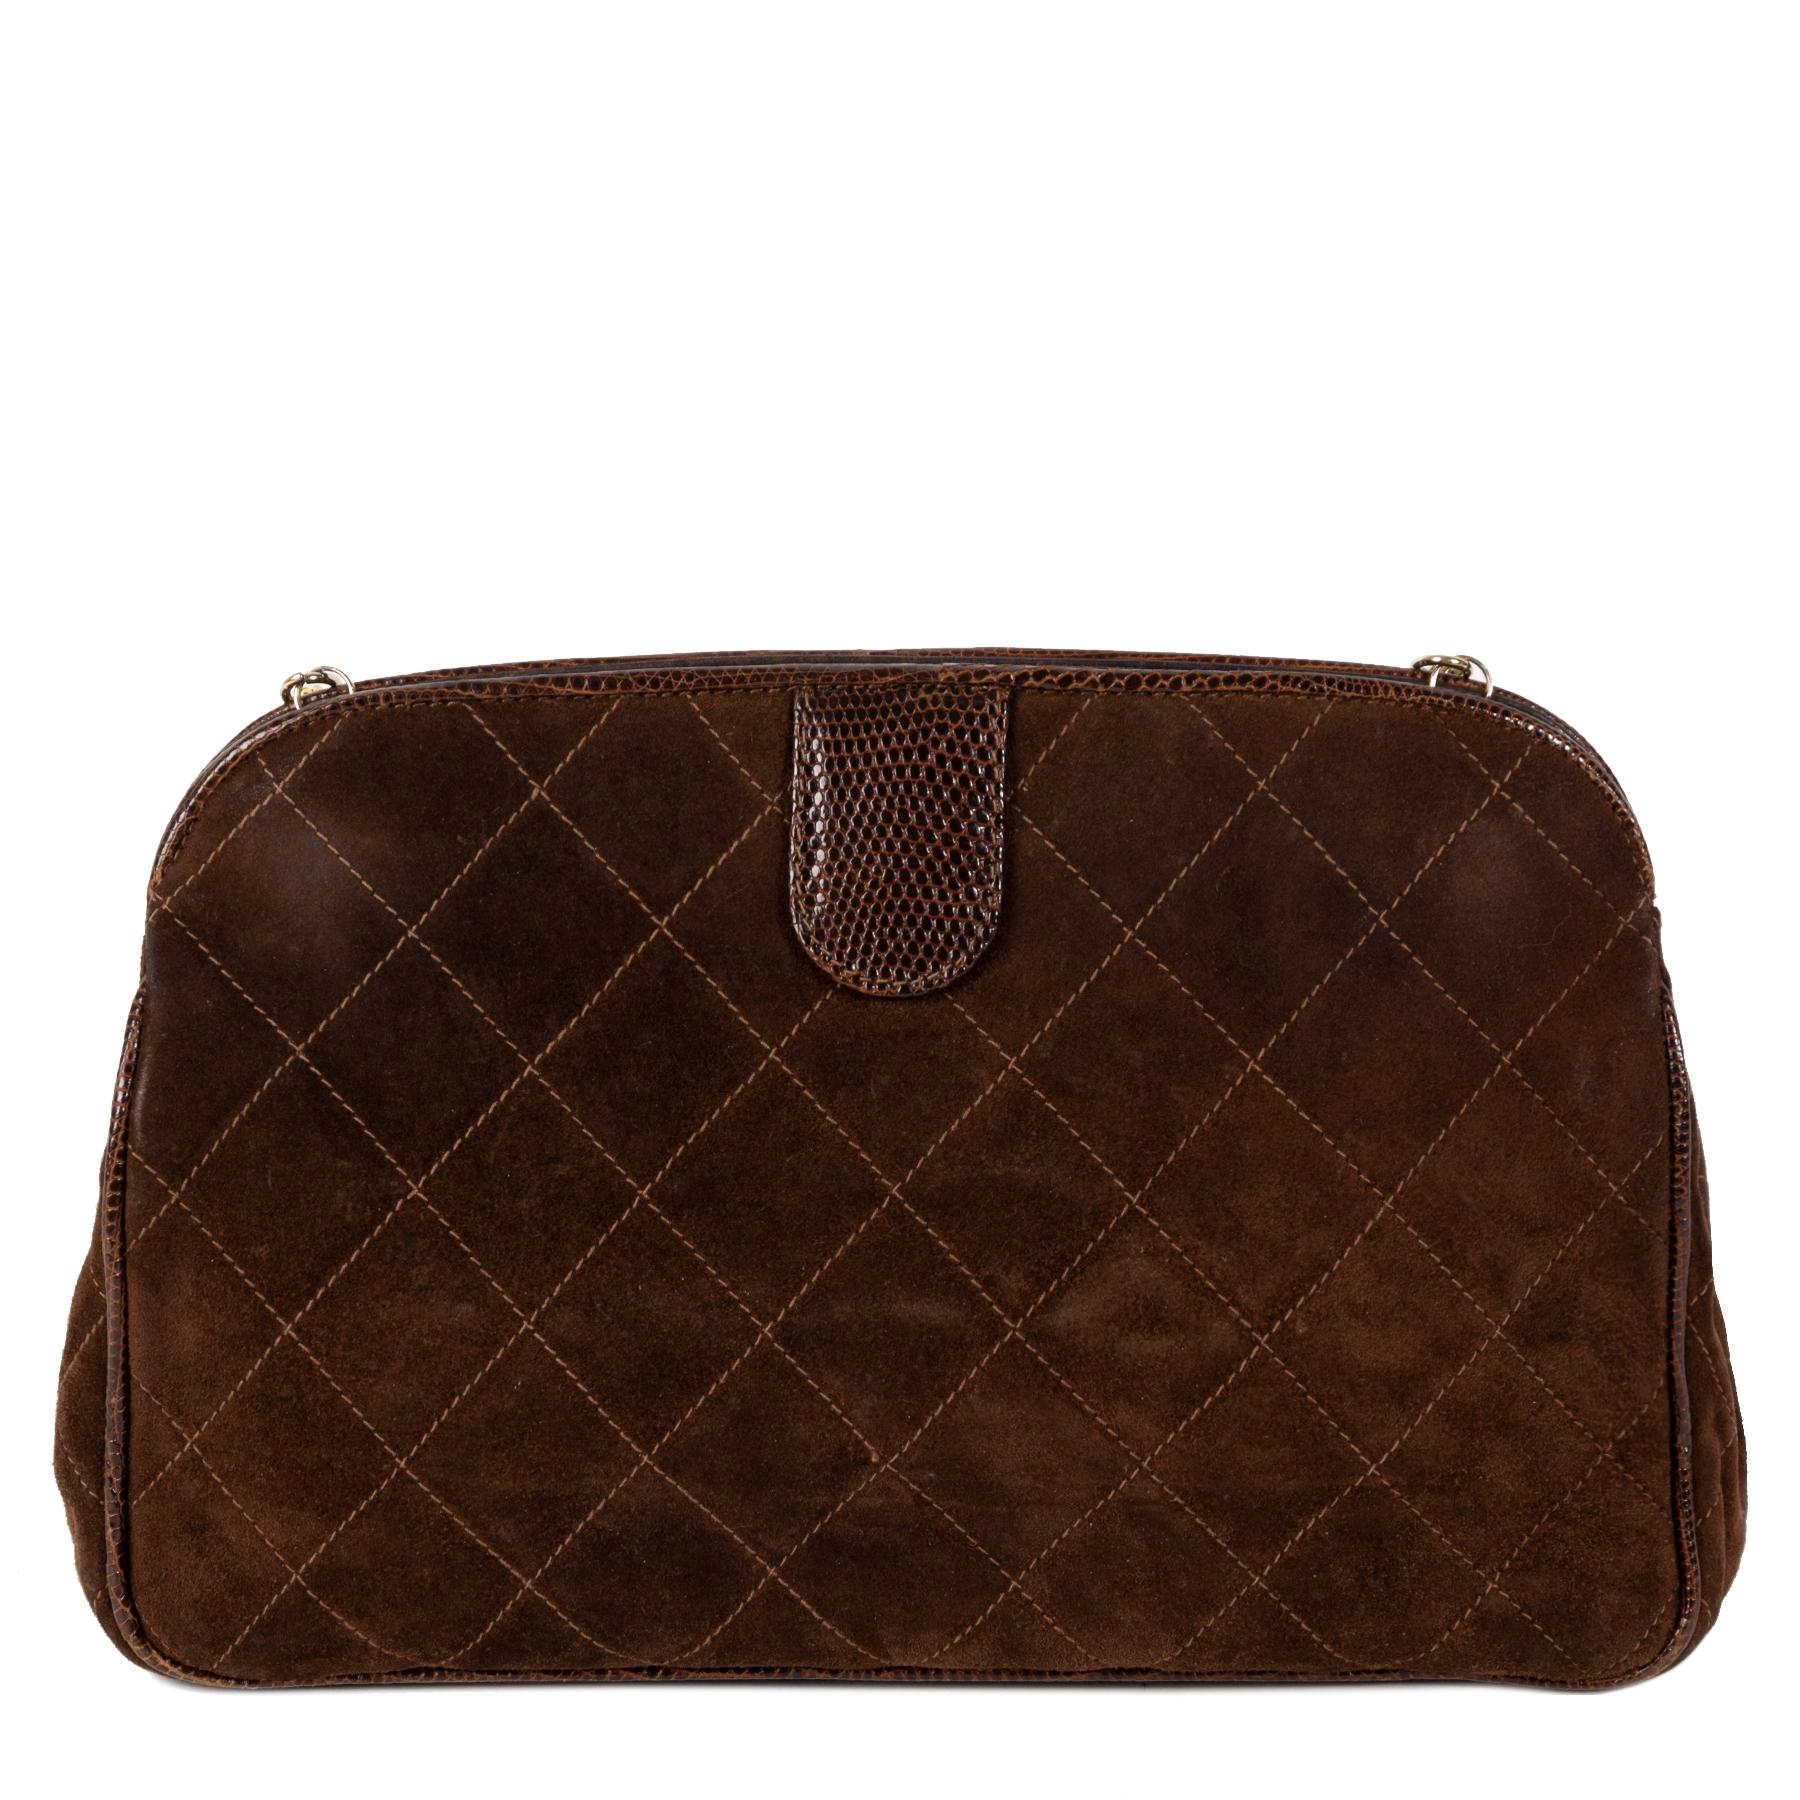 Authentieke Tweedehands Chanel Brown Suede Crossbody Bag juiste prijs veilig online shoppen luxe merken webshop winkelen Antwerpen België mode fashion